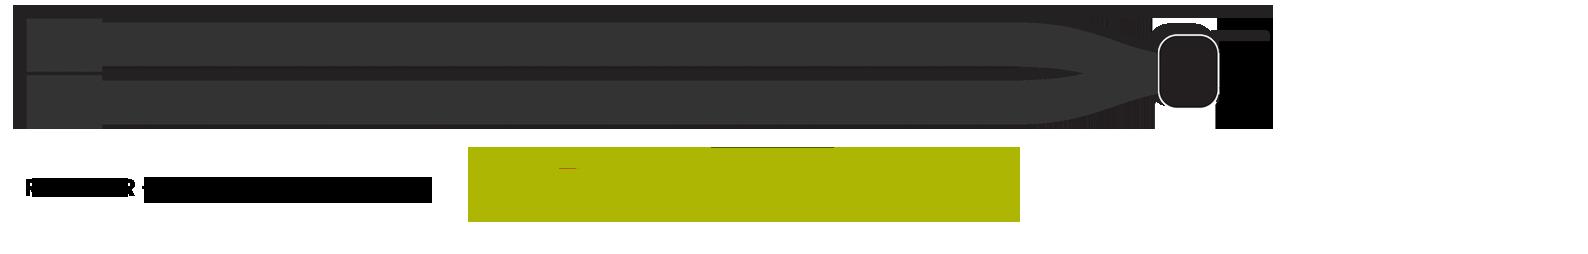 croakies-reg-suiters-fit-graphic